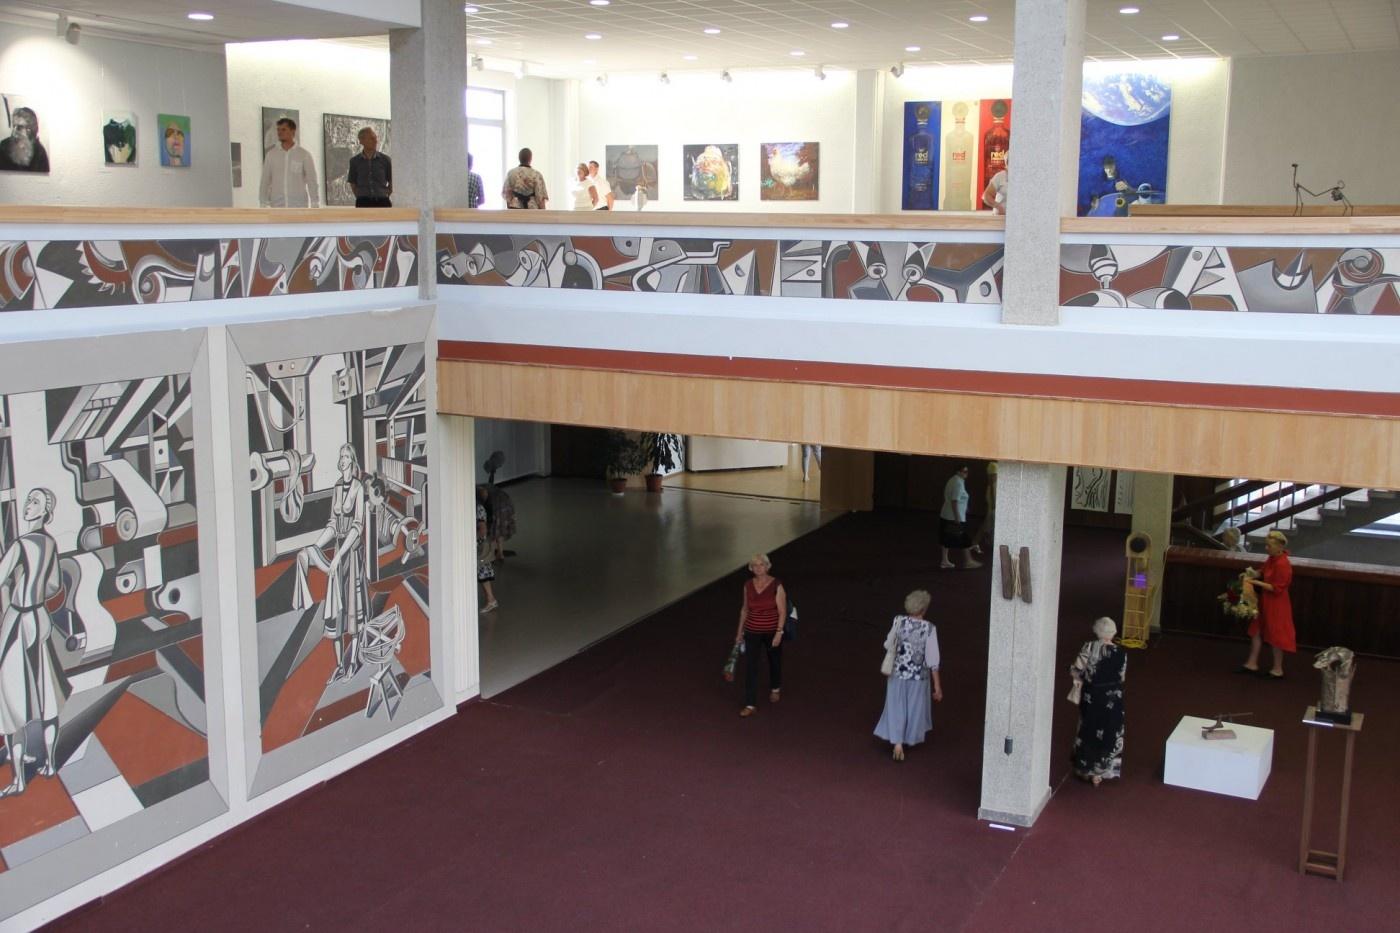 Alytaus vizualaus meno bienalėje – ir lazdijiečio skulptoriaus darbai